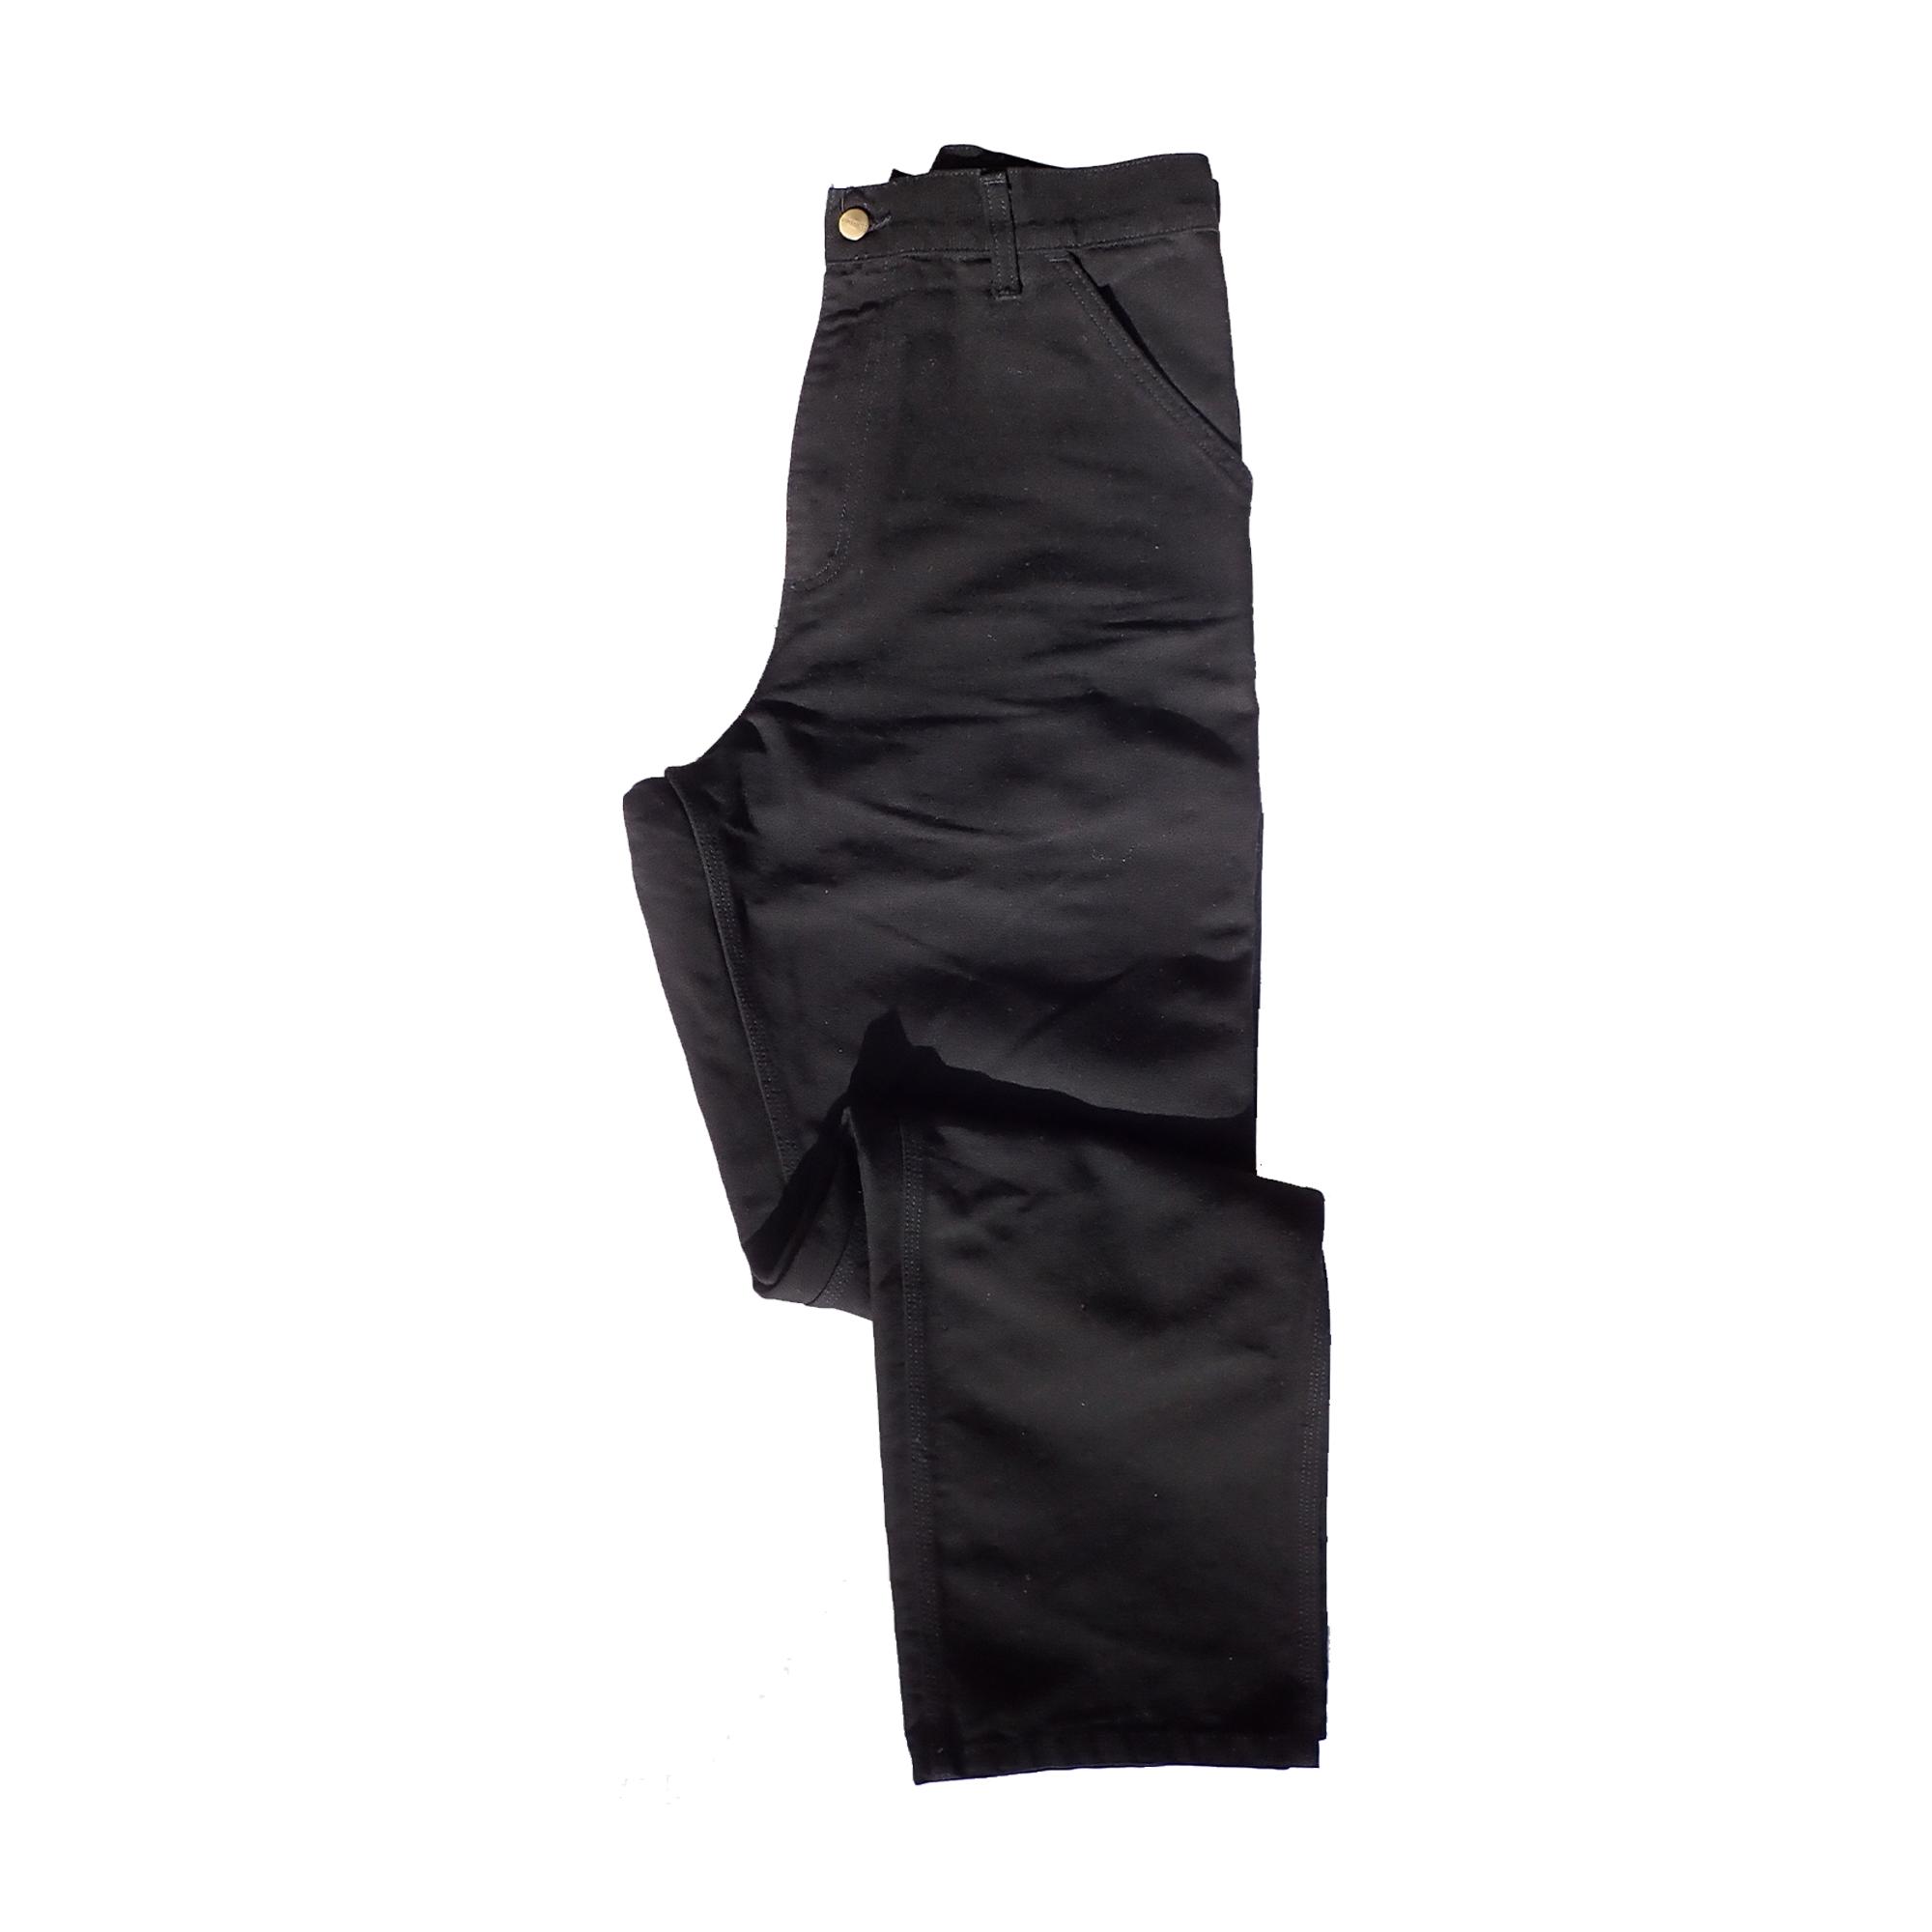 Carhartt WIP Work Pants